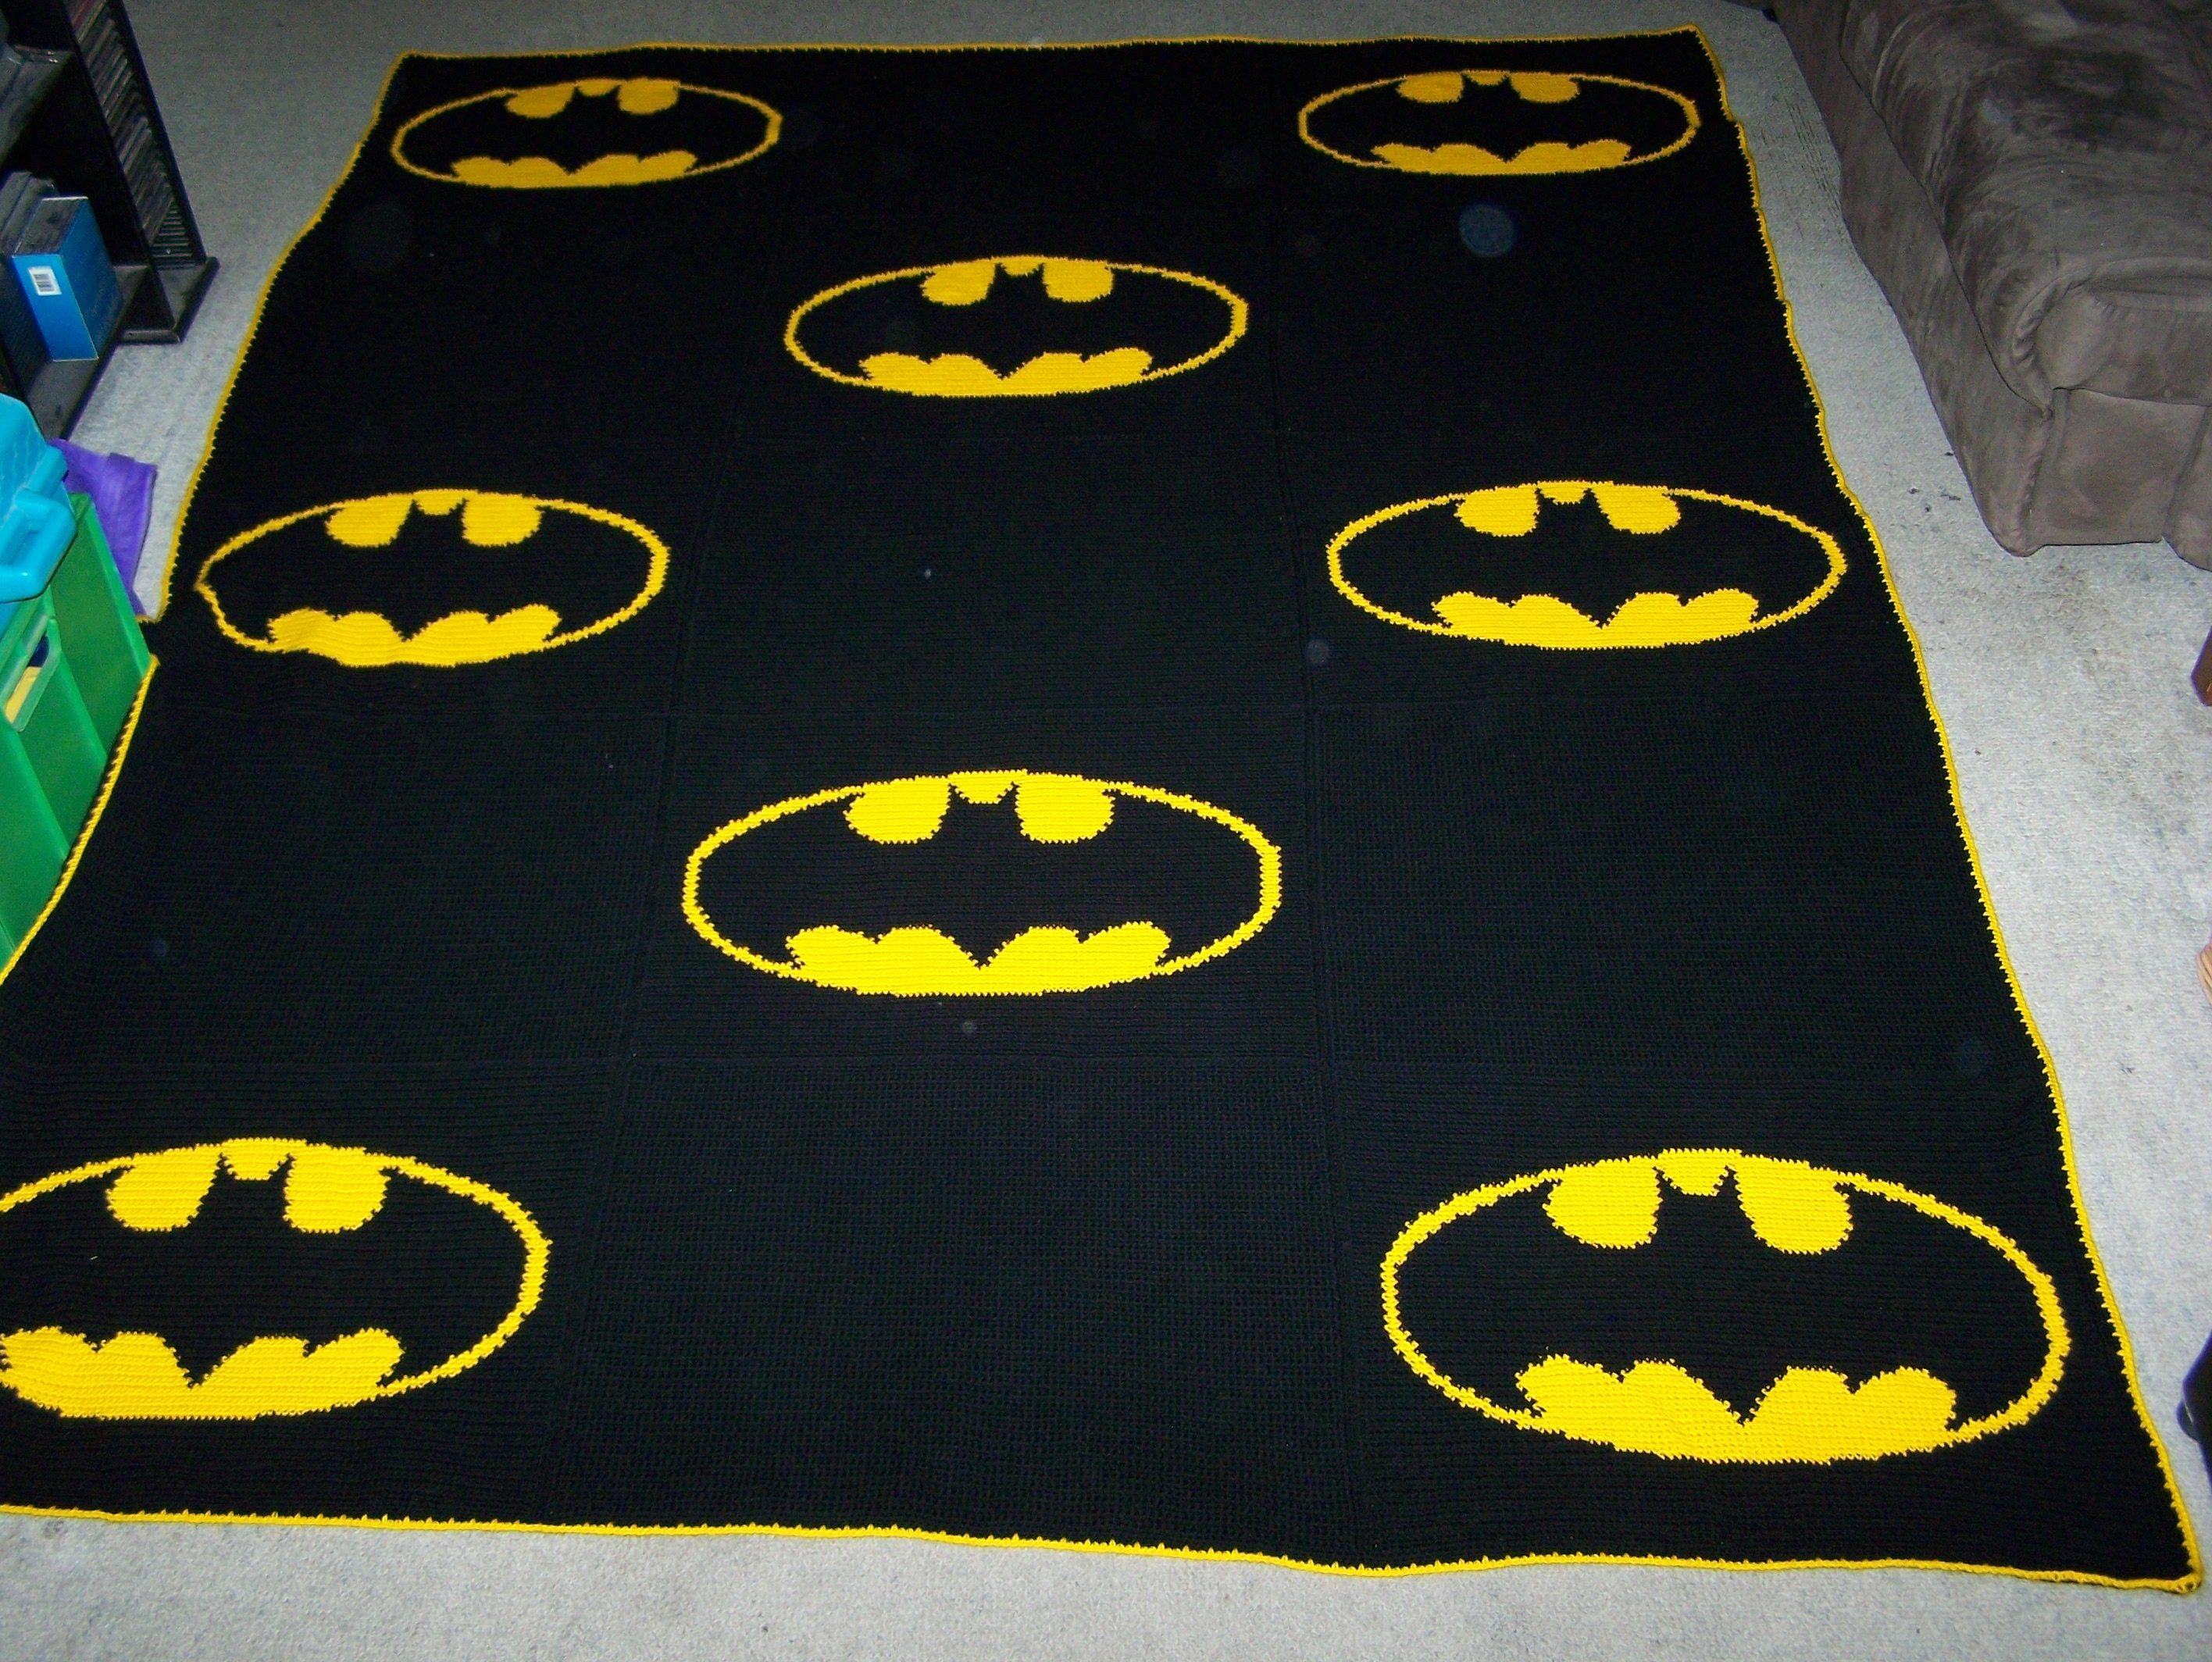 Knitting Pattern For Batman Blanket : Crochet Batman Blanket Take 2 Heklerier Pinterest